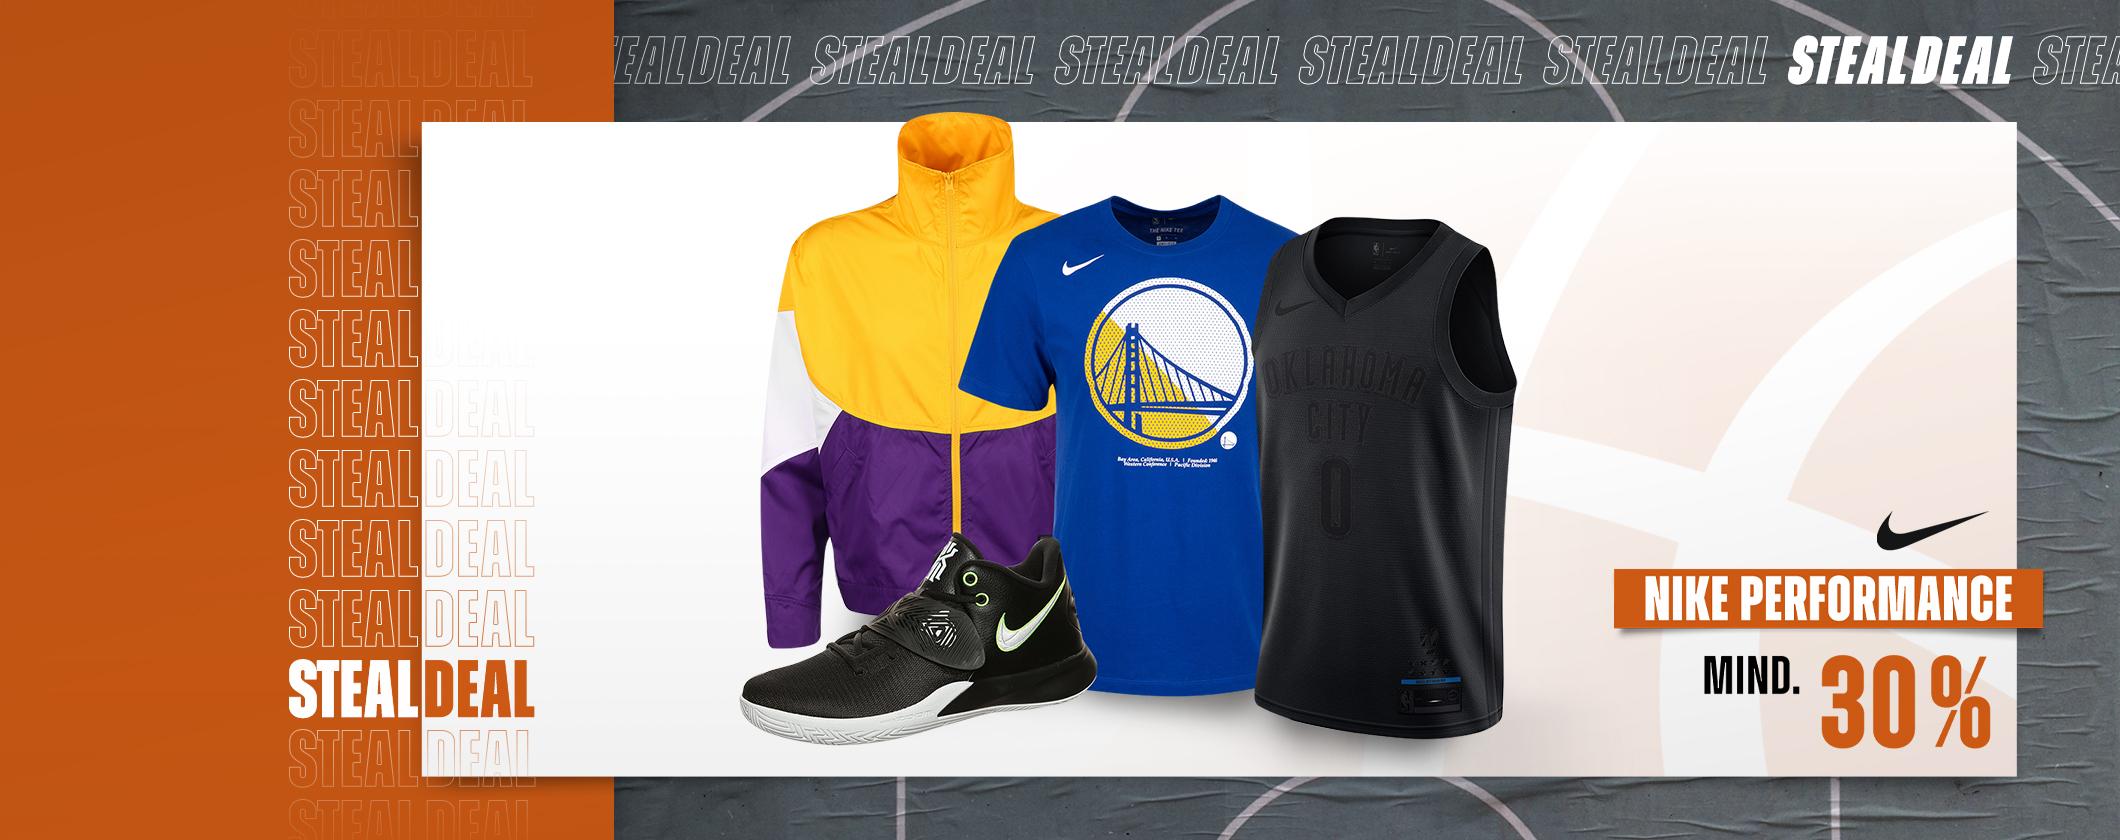 Steal Deal - Nike mind. 30 % reduziert bei ballside.de #Basketball